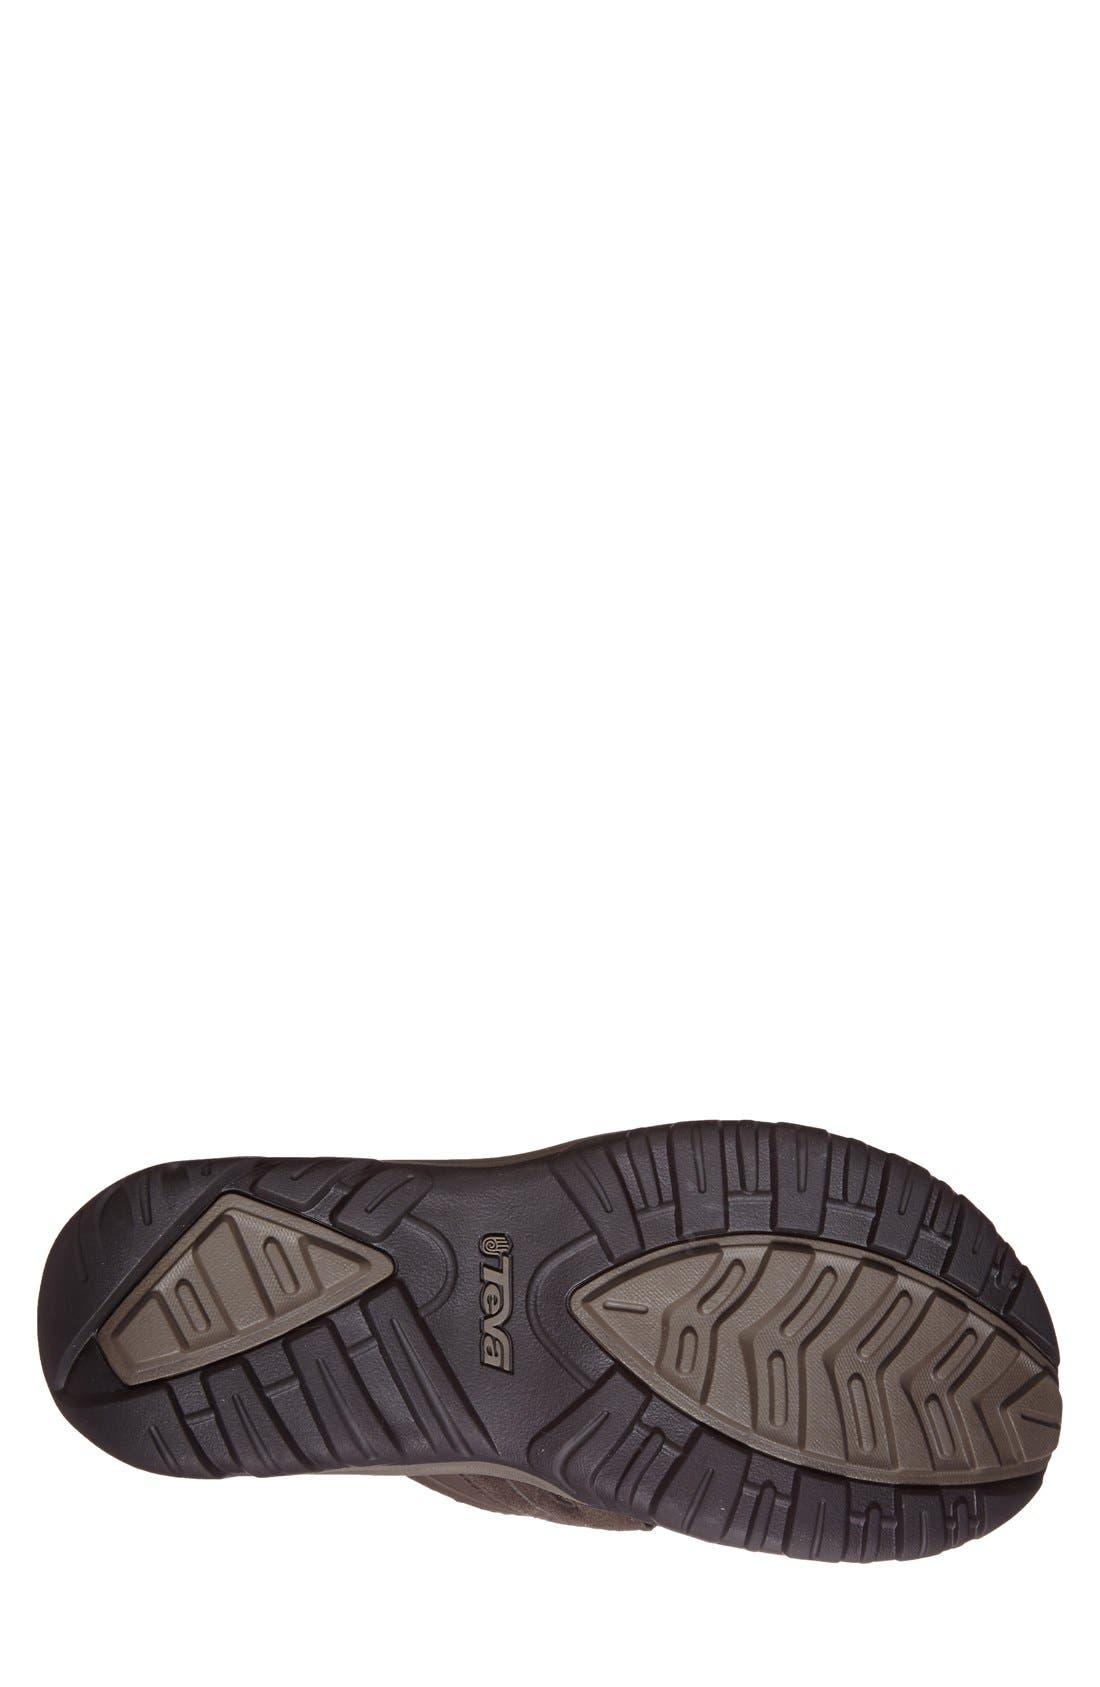 Alternate Image 4  - Teva 'Pajaro' Sandal (Men)